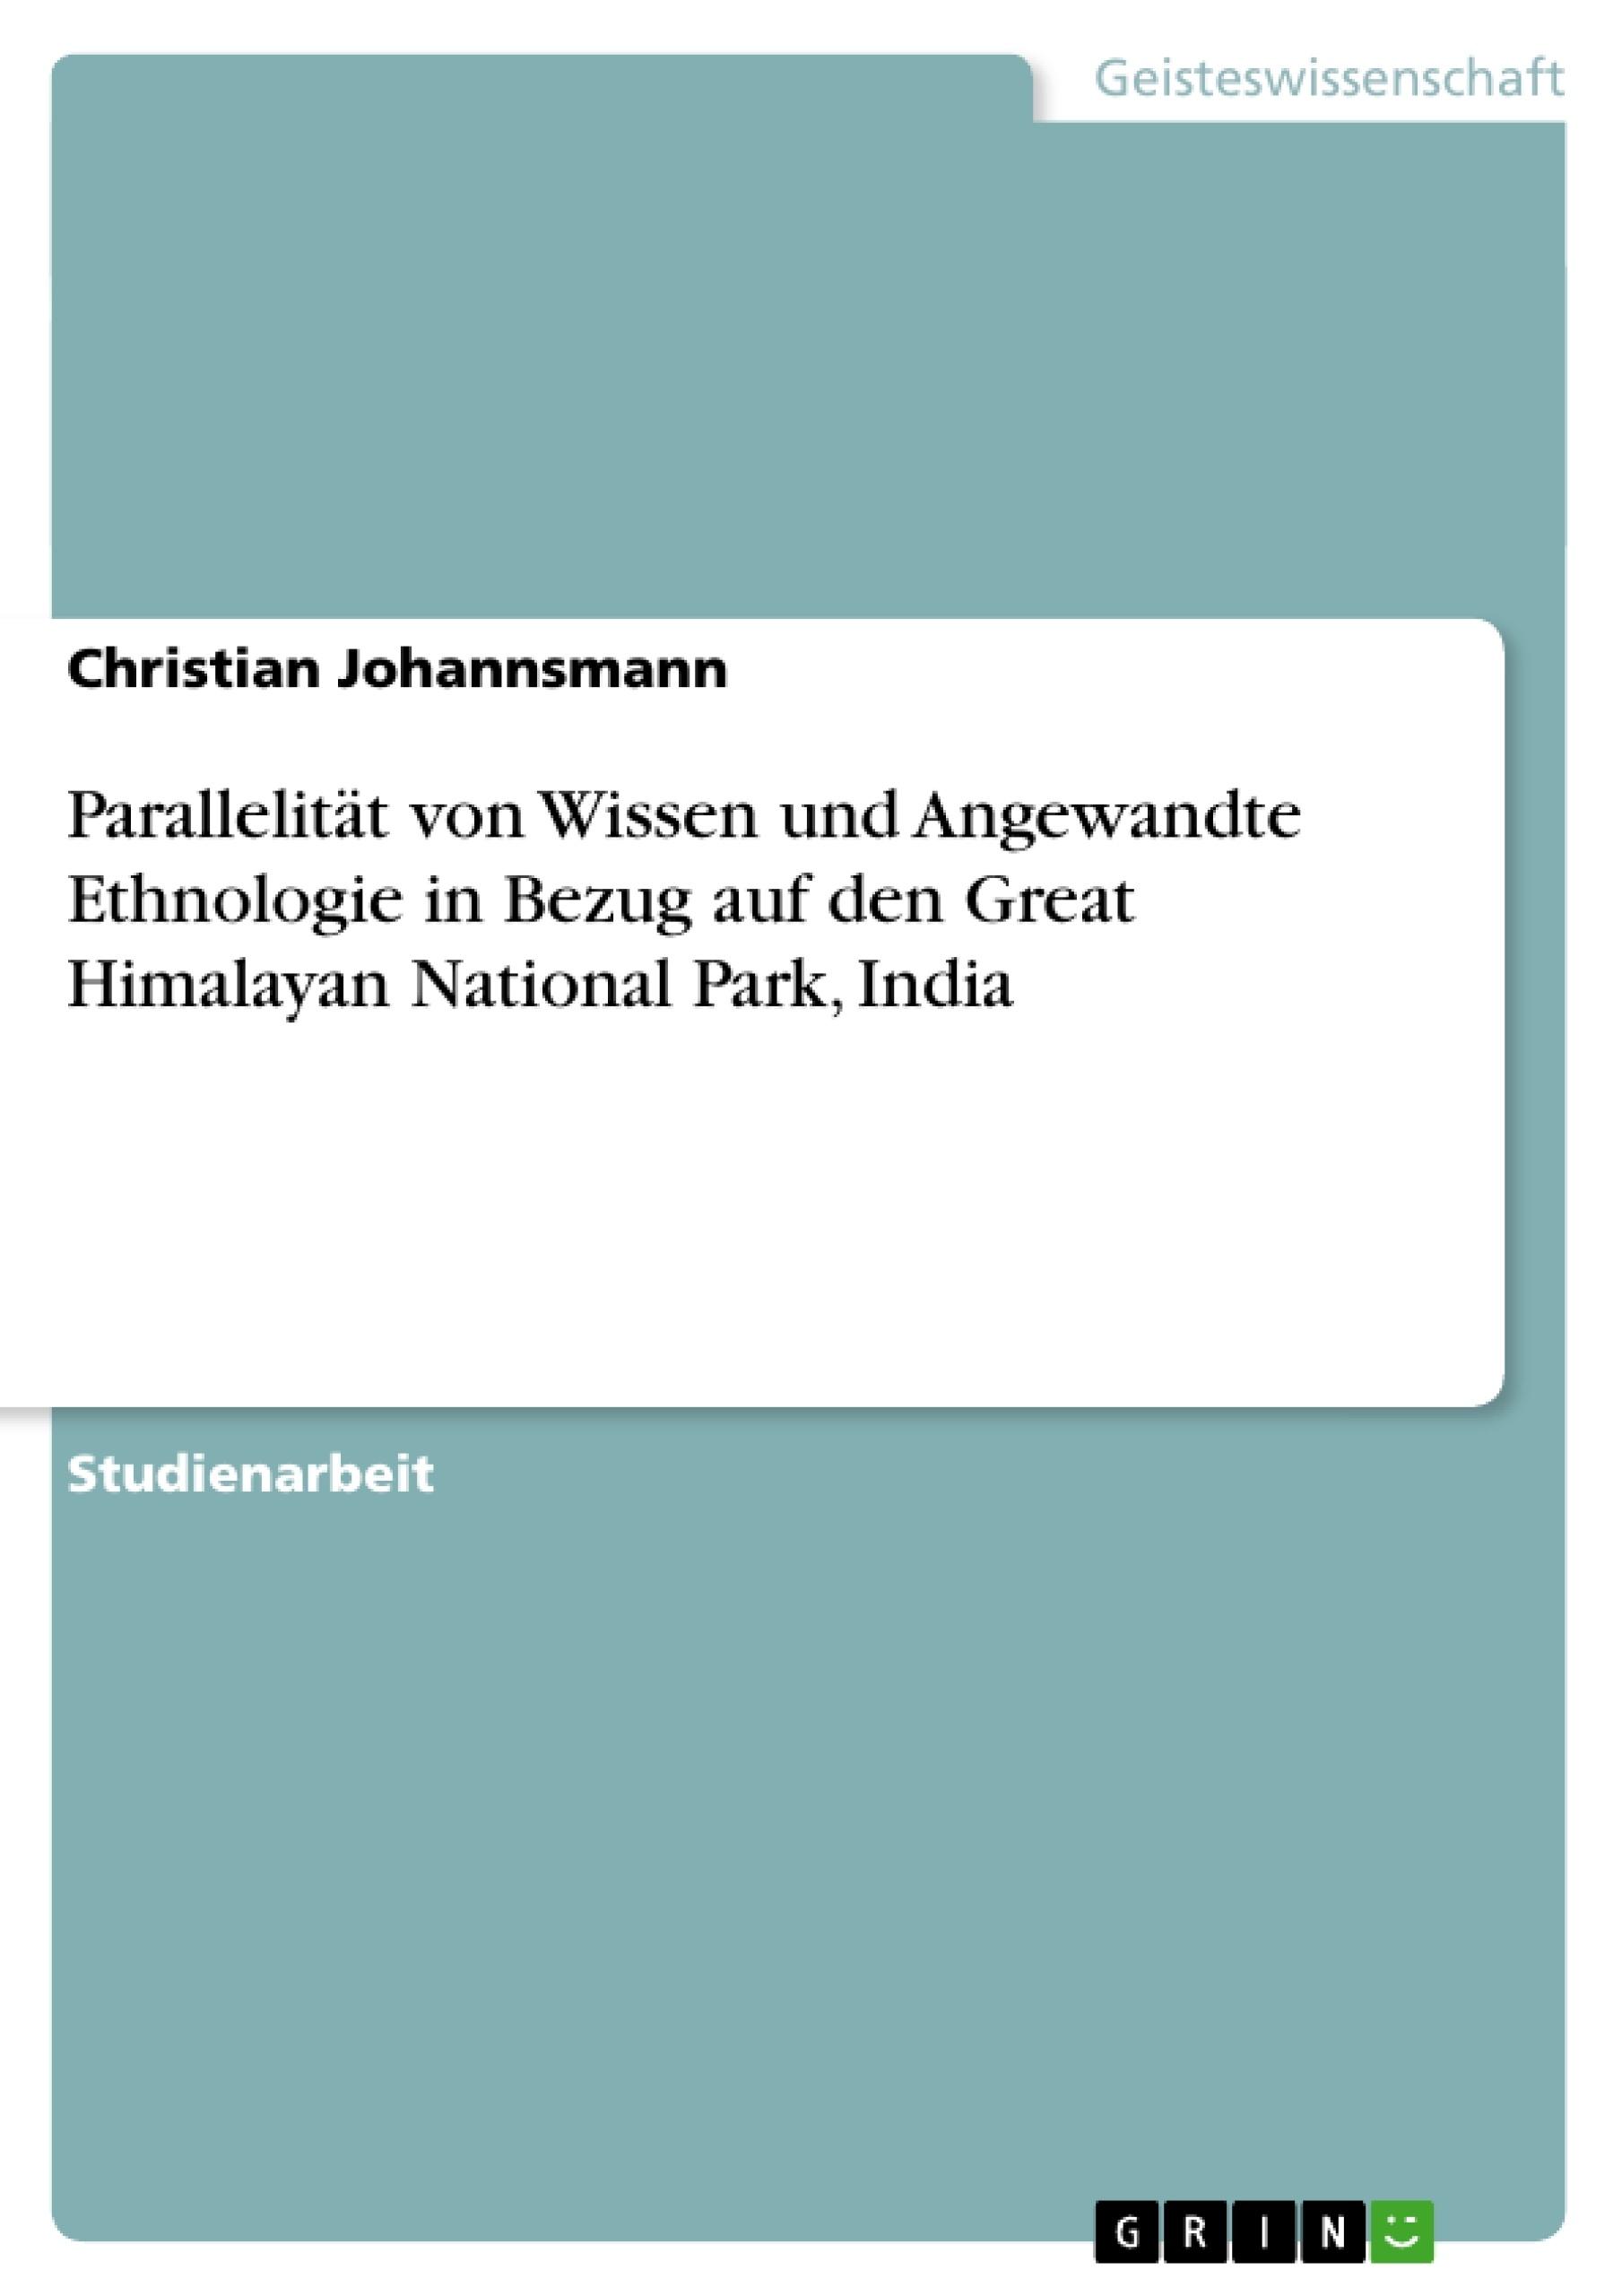 Titel: Parallelität von Wissen und Angewandte Ethnologie in Bezug auf den Great Himalayan National Park, India